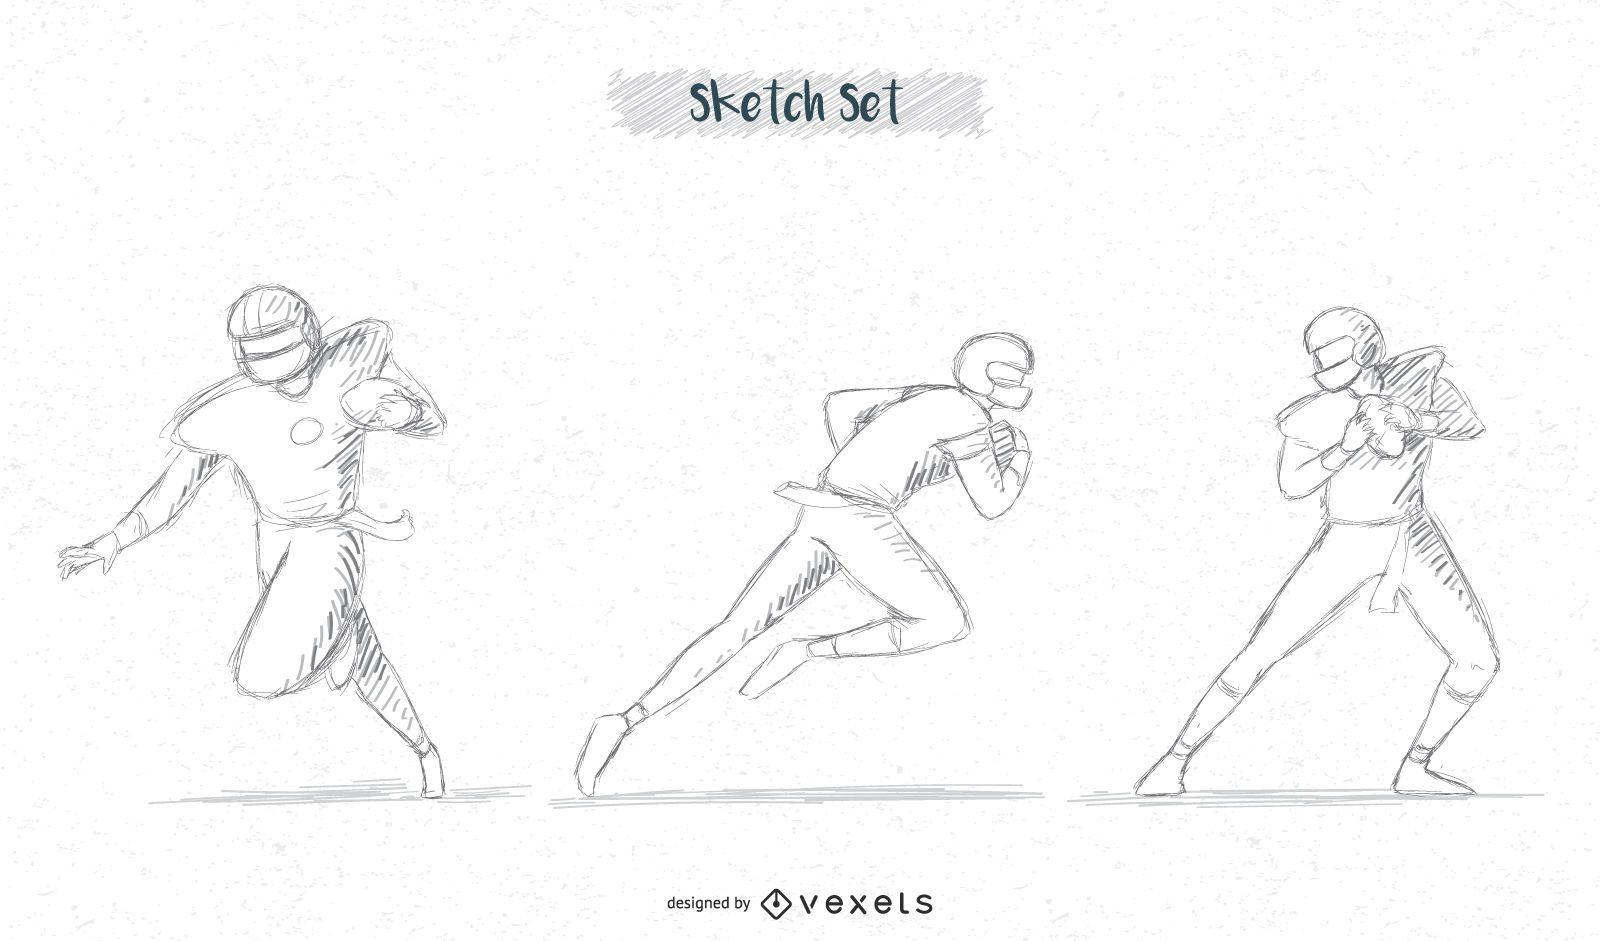 paquete de bocetos de jugador de fútbol # 3